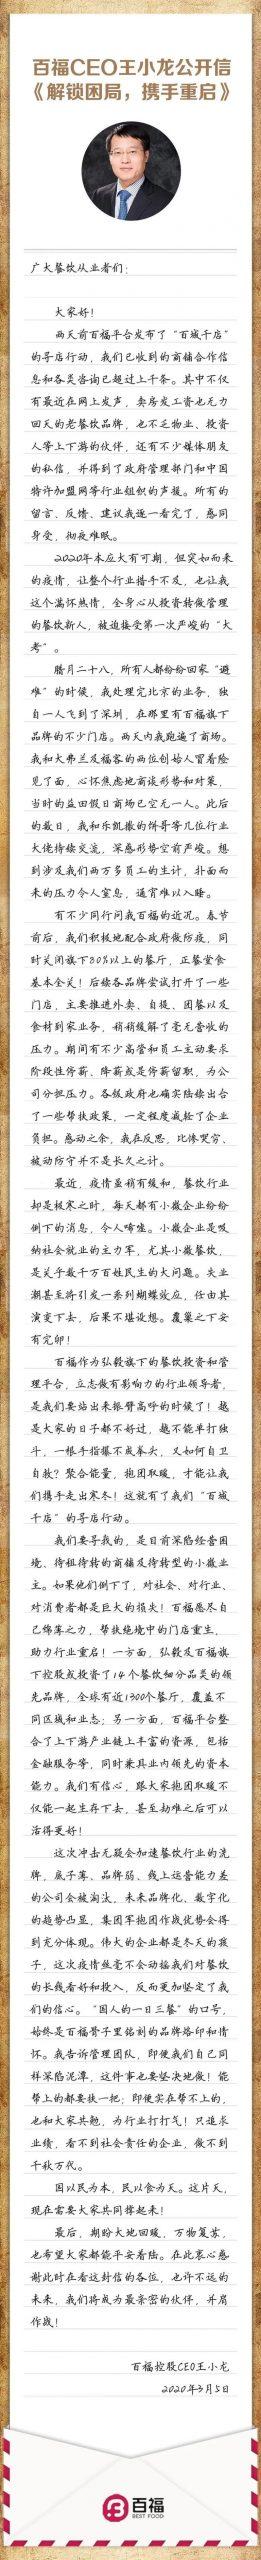 餐饮逆行者发公开信:寻1000家商铺携手破局